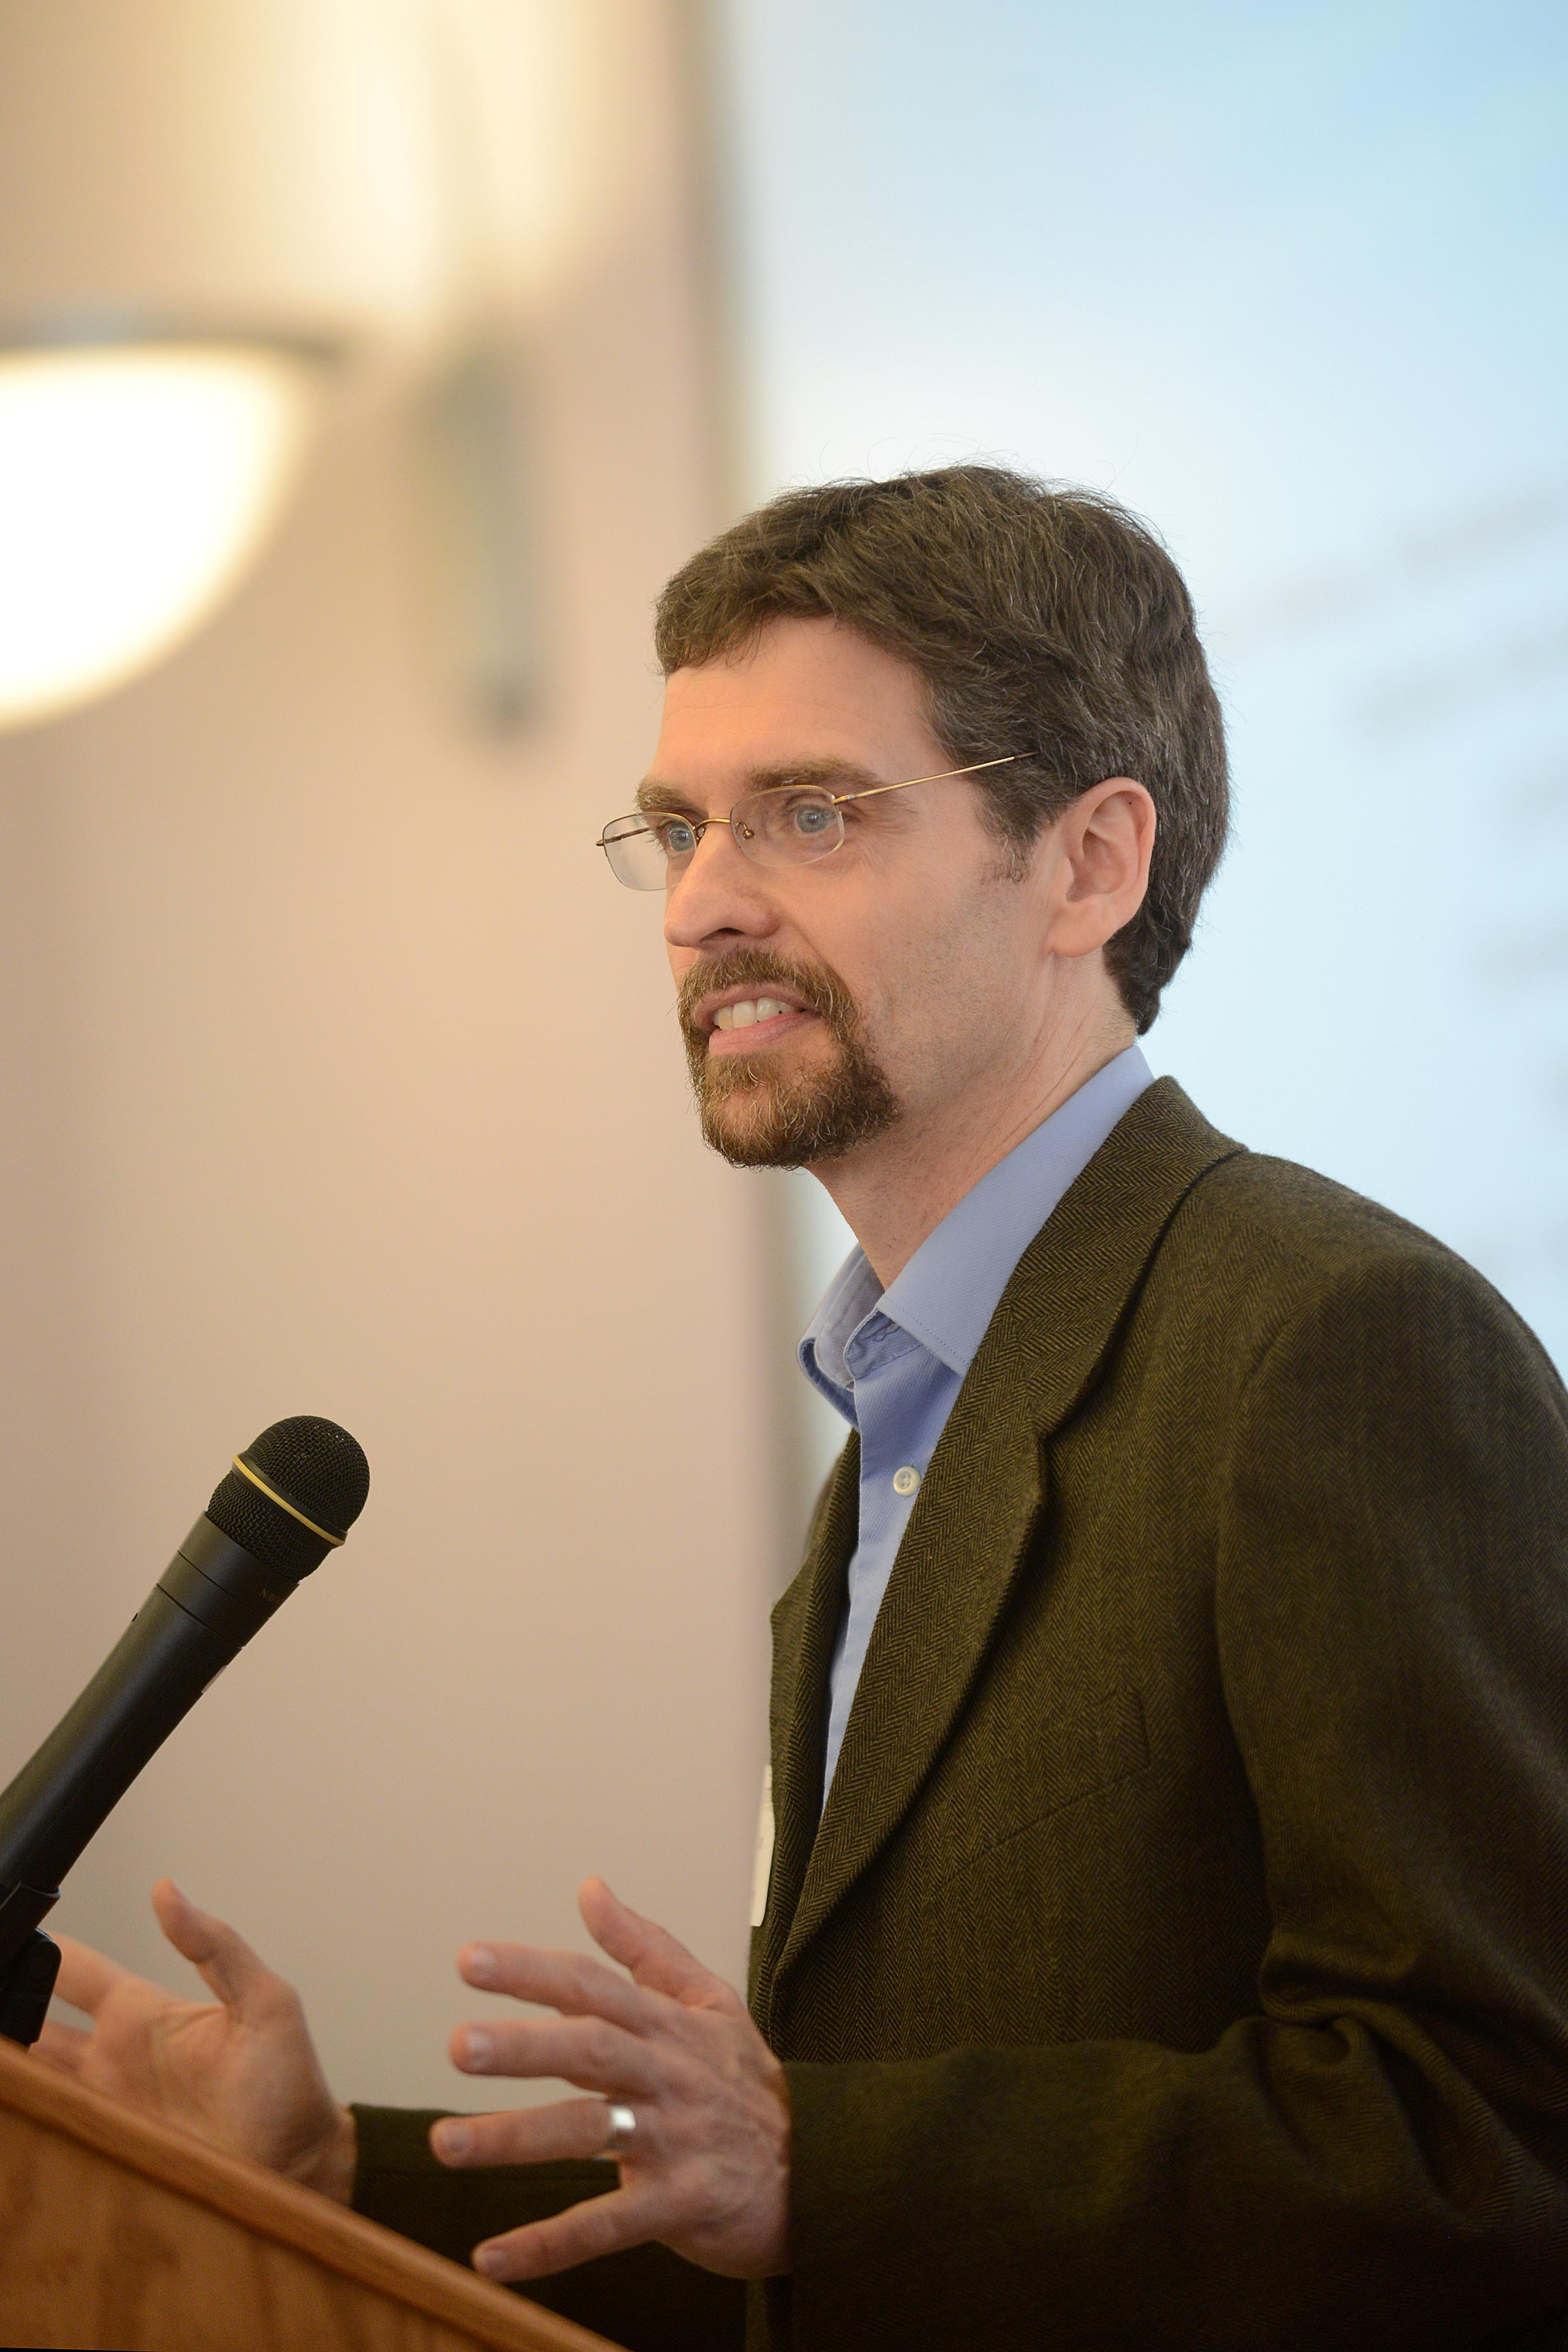 Ian Heisey